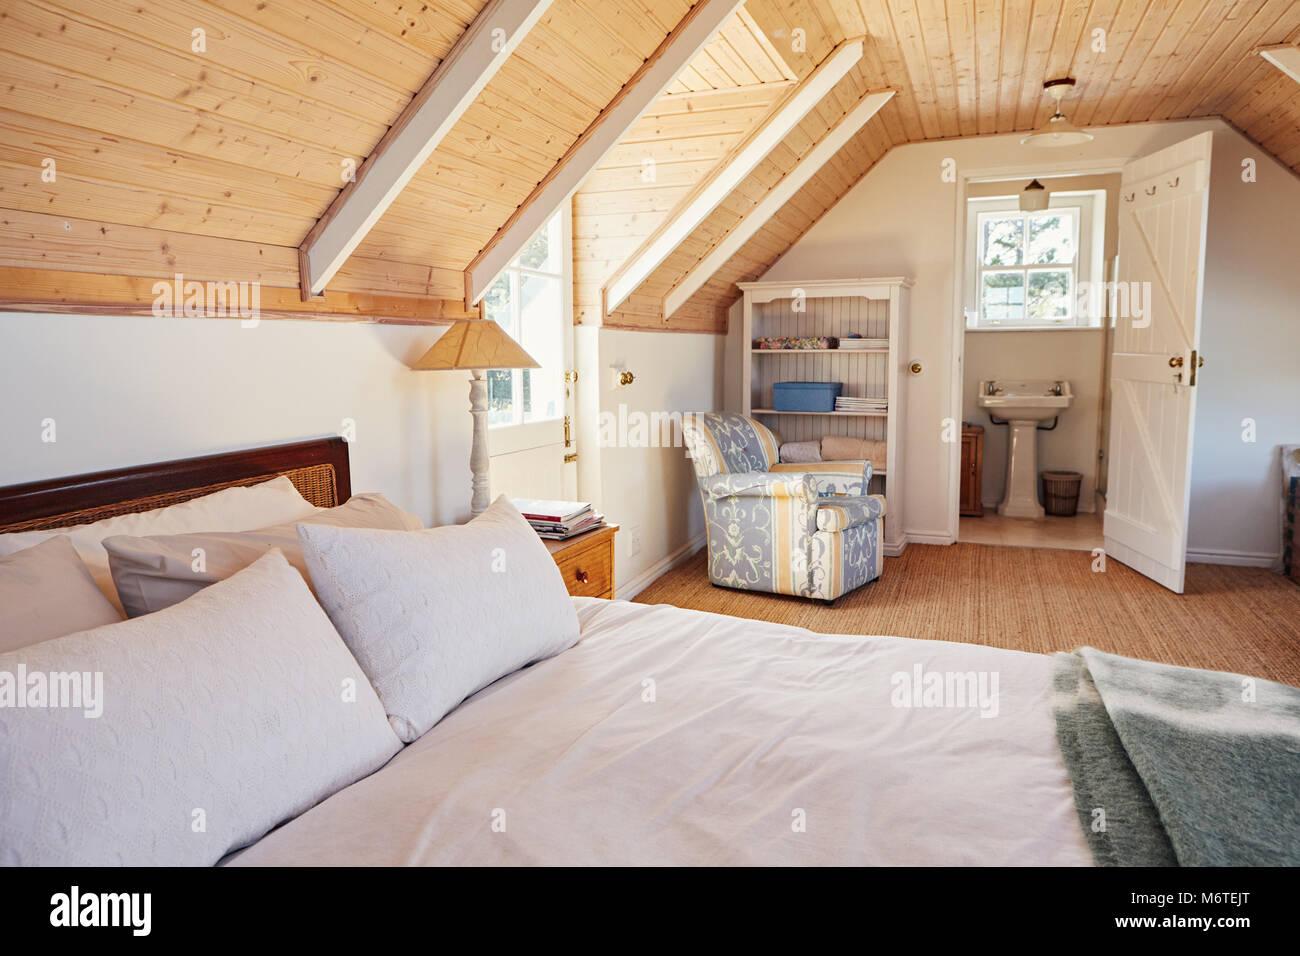 Mansarda spaziosa camera da letto con bagno in una casa foto